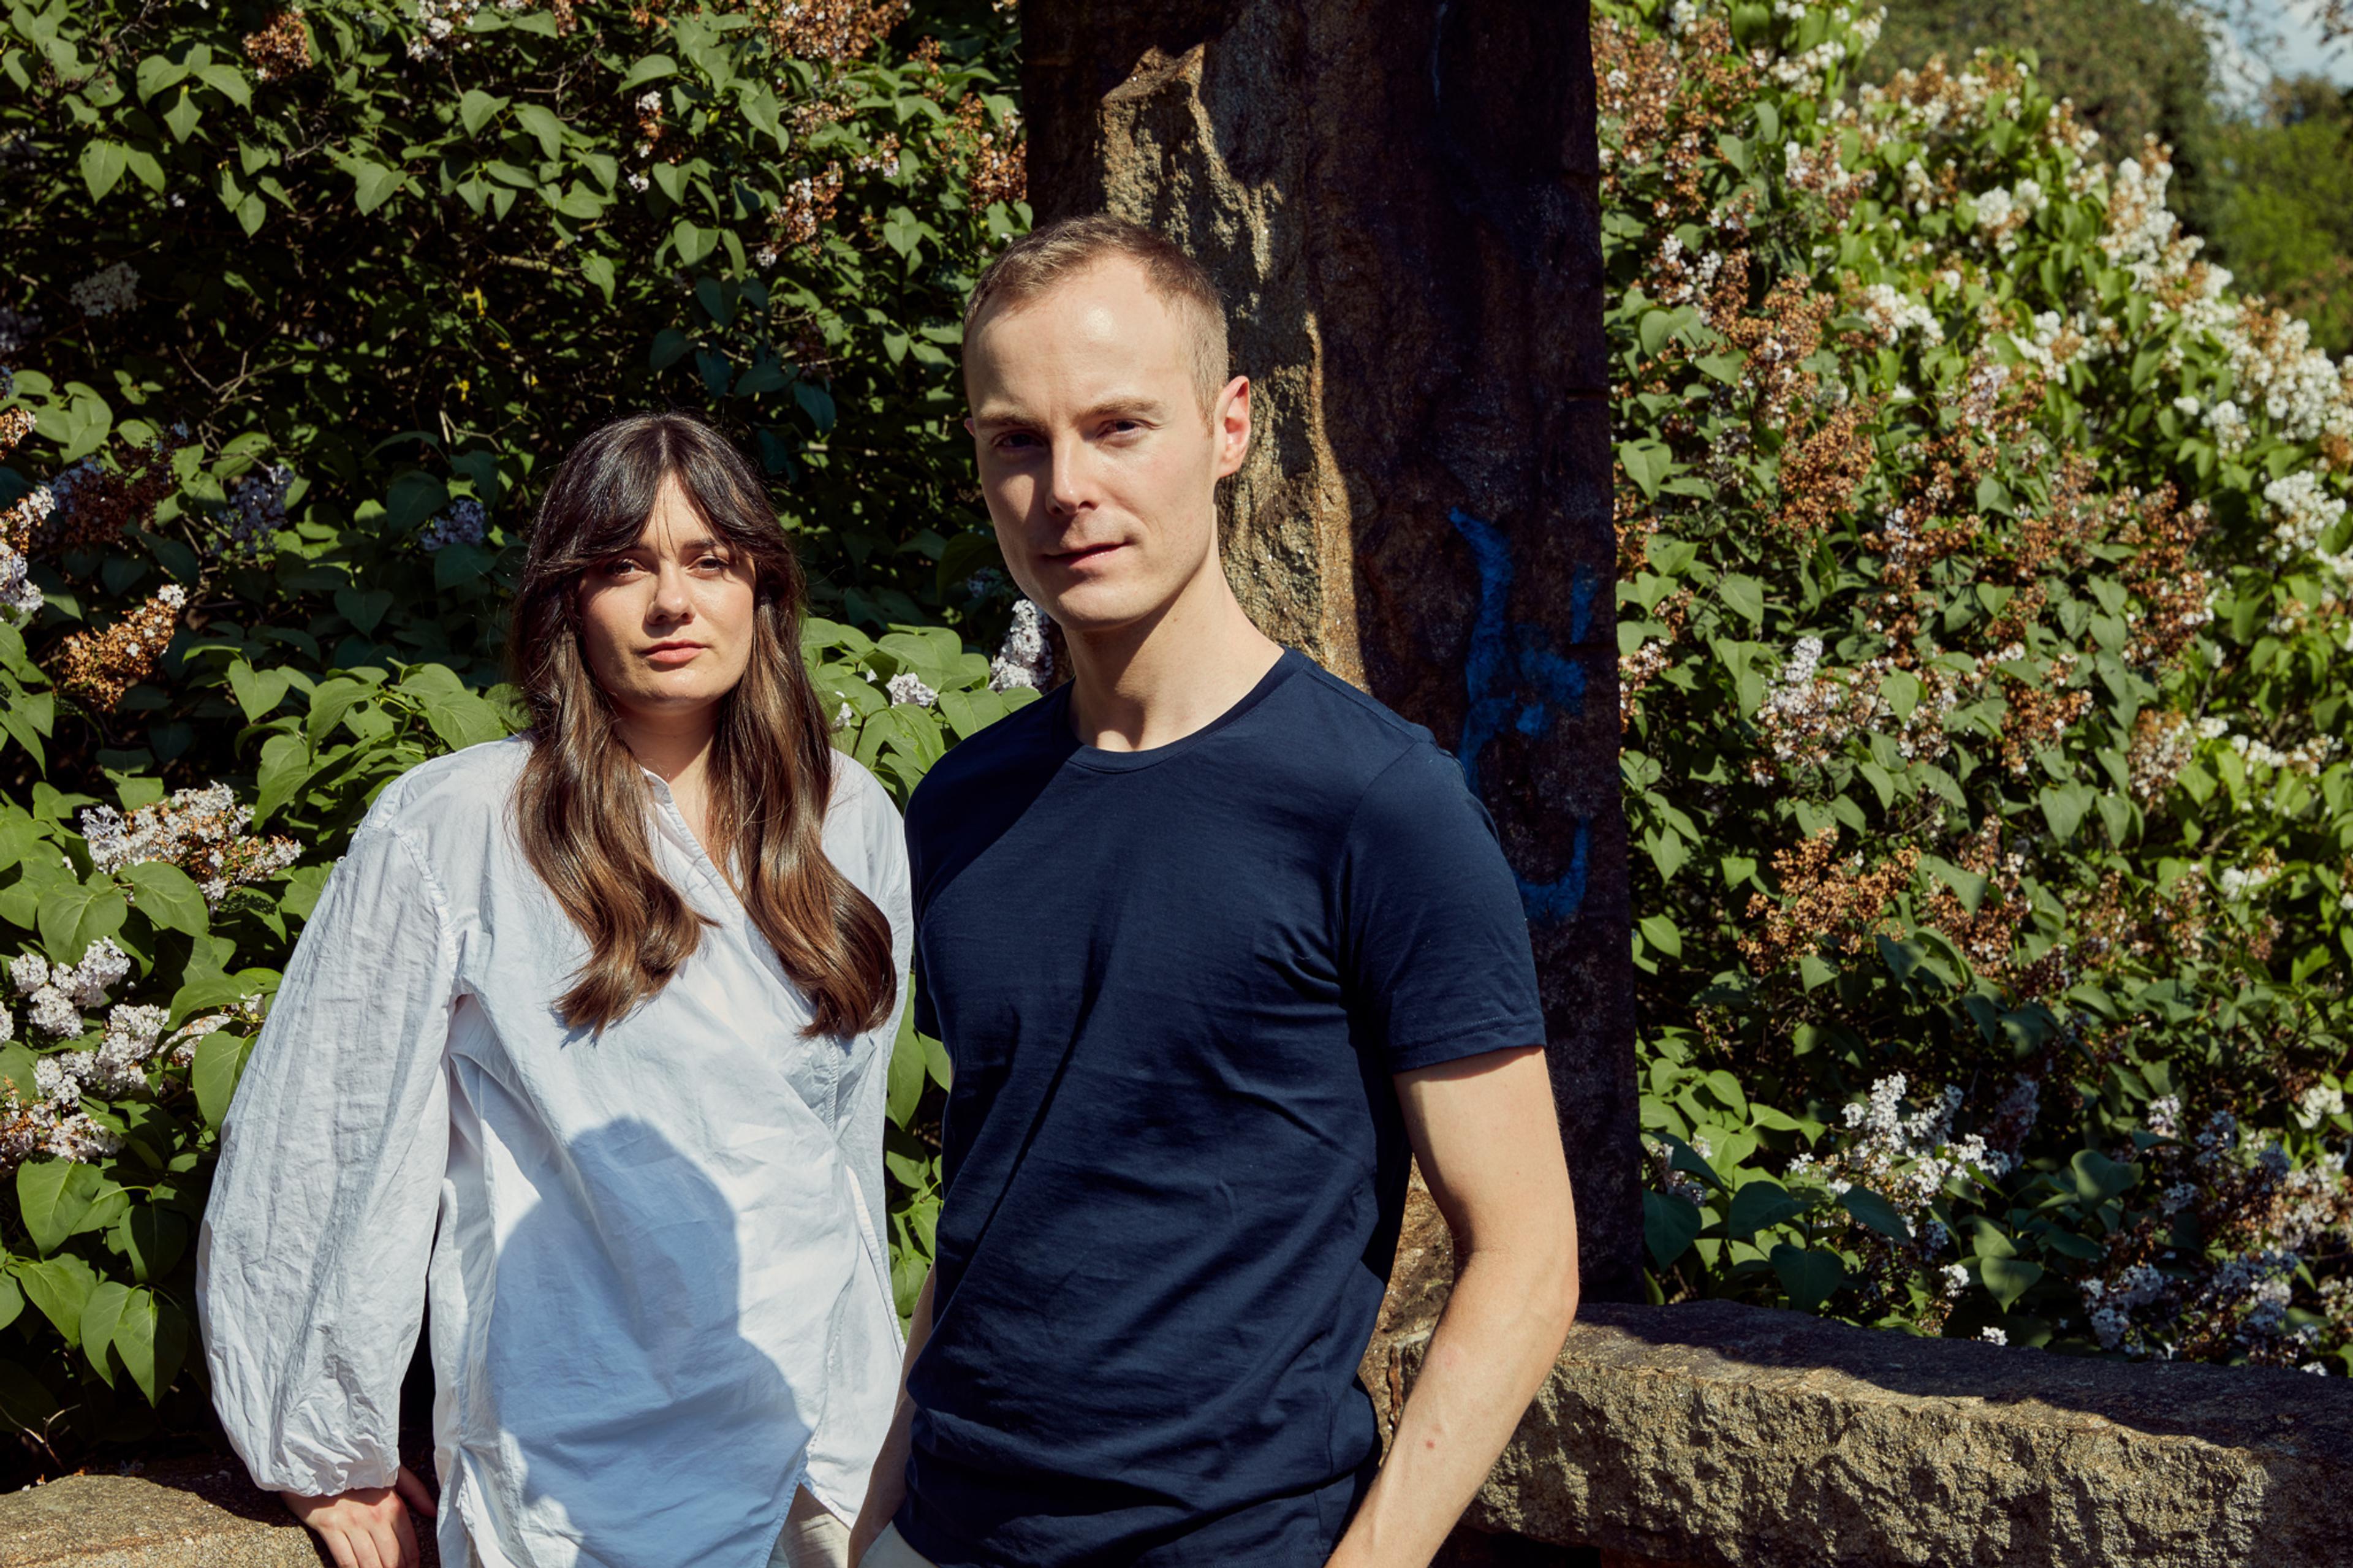 Forfatter Alexander Kielland Krag og artist Emelie Hollow har laget et helt nytt lydunivers sammen.